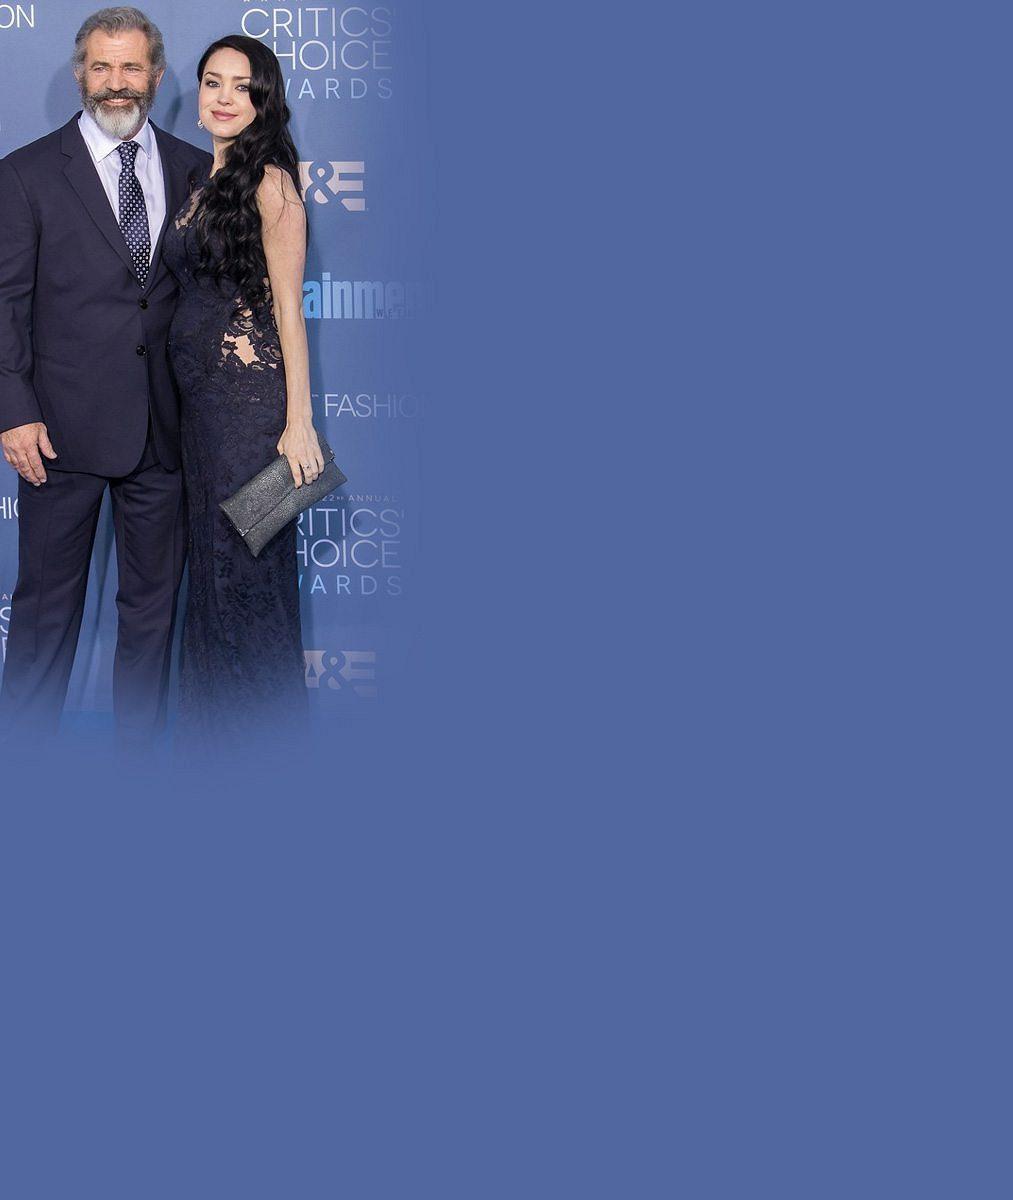 Mel Gibson (60) se dmul pýchou po boku těhotné partnerky (26), díky níž se dočká devátého potomka